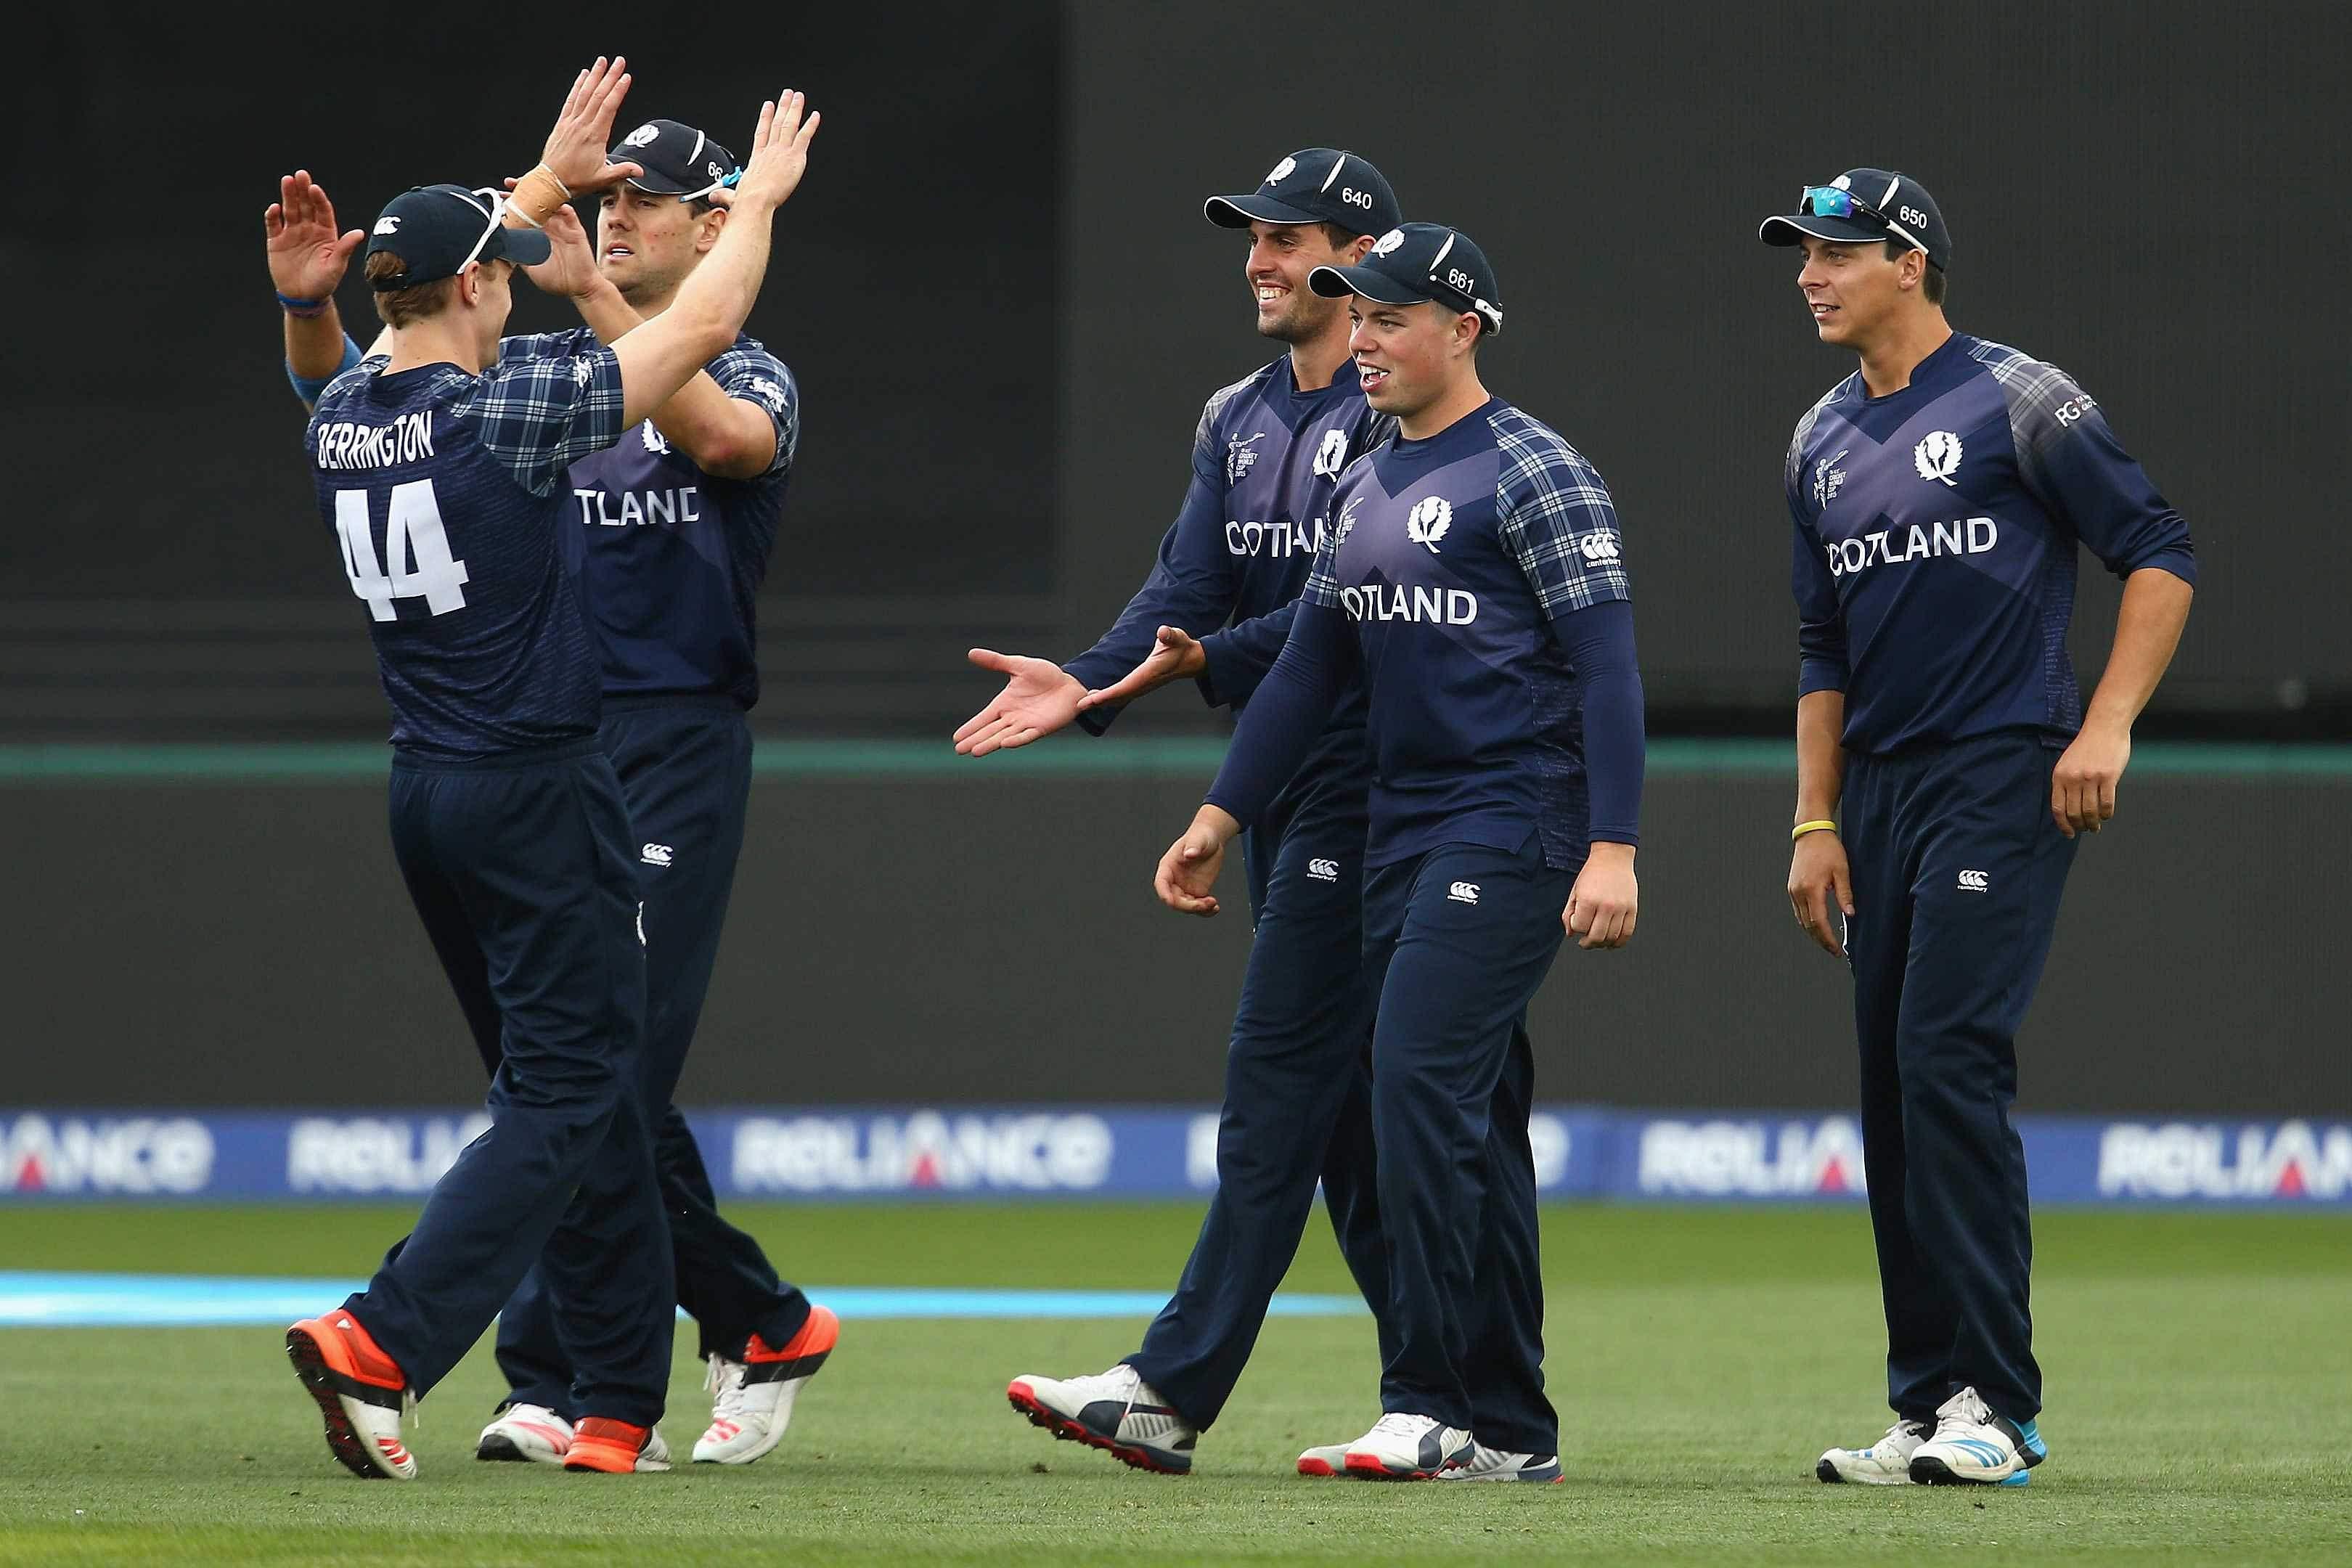 विश्व एकादश और श्रीलंका के बाद पाकिस्तान का एक और दौरा हुआ तय 6